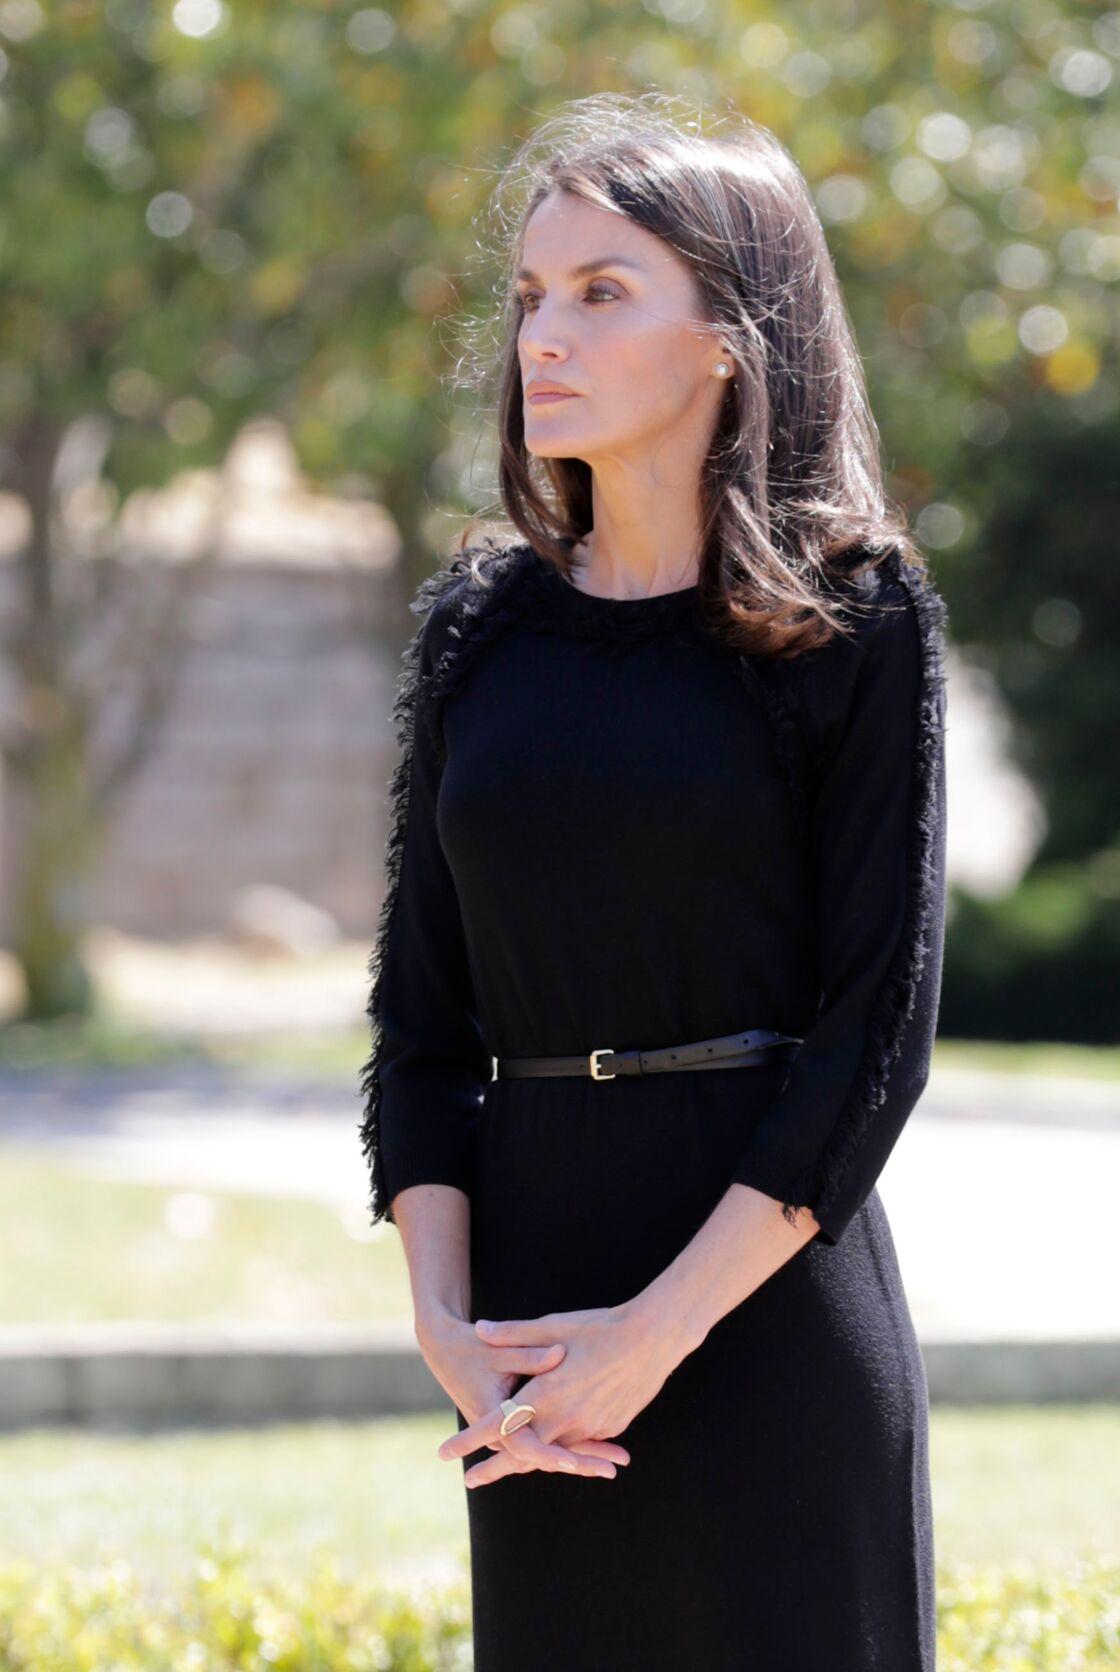 Letizia d'Espagne chic et sobre le 27 mai 2020 dans cette robe noire stylée.